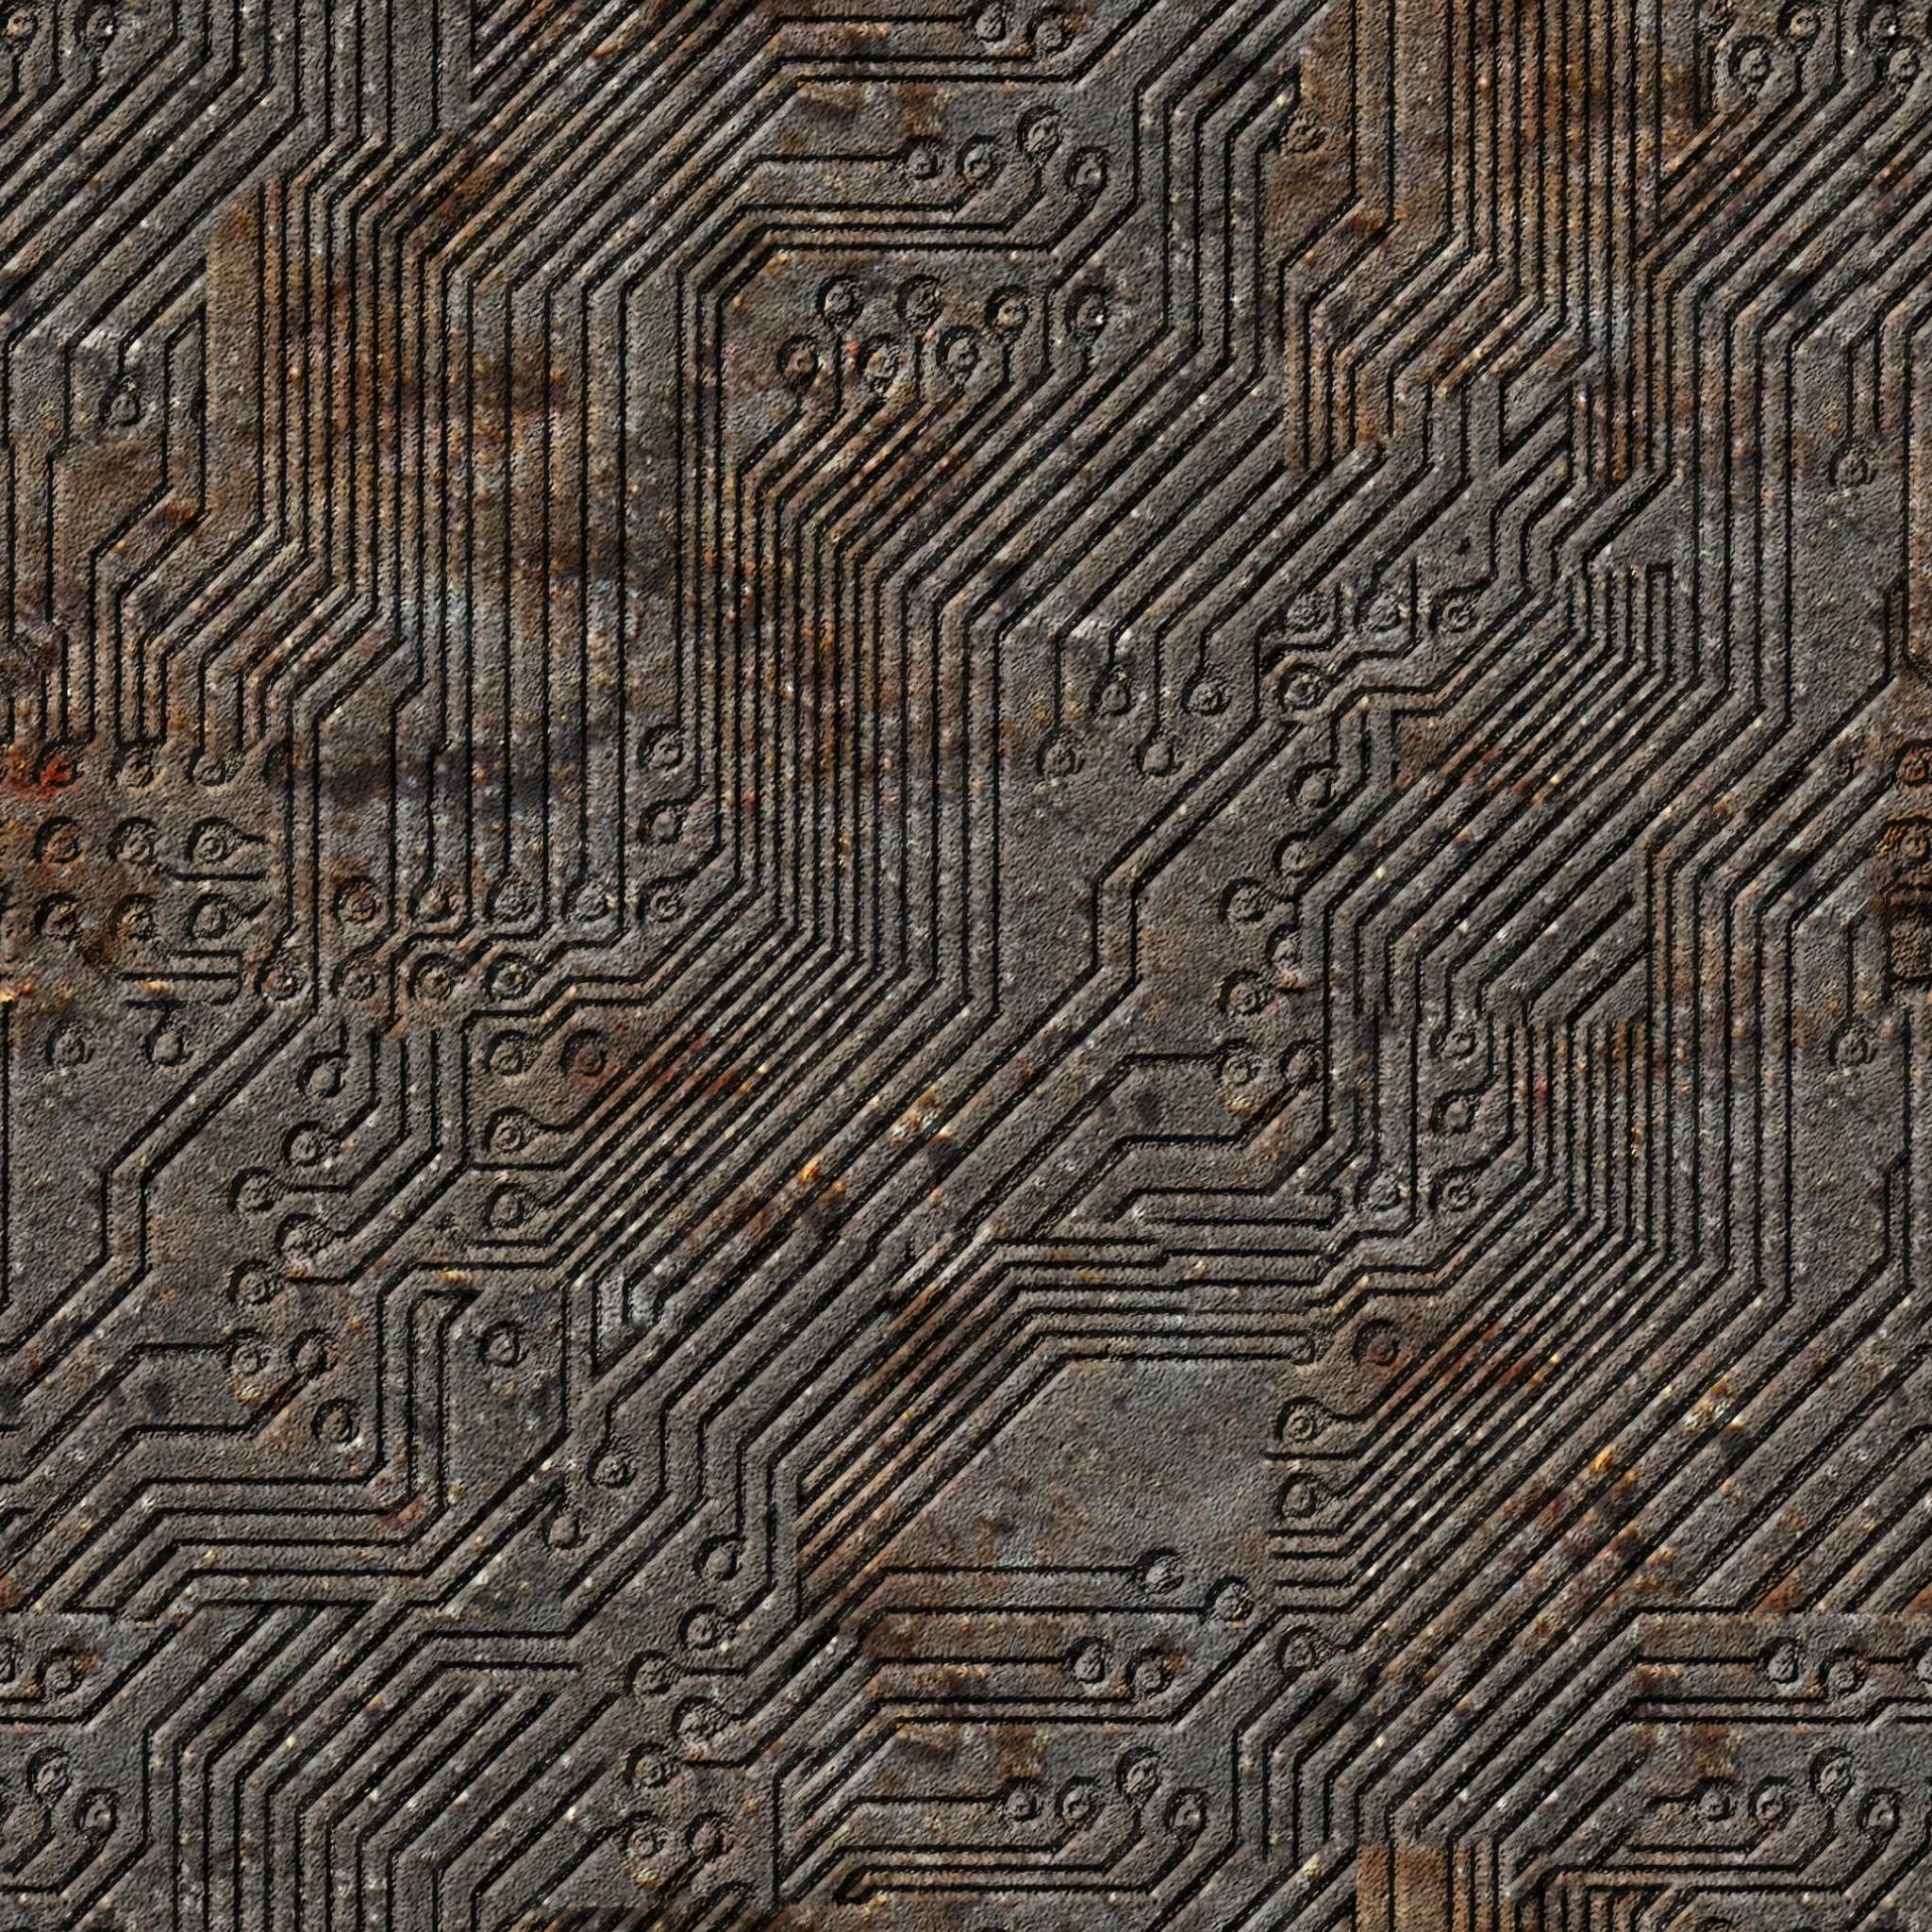 Texture Sci-Fi | Soundimage.org